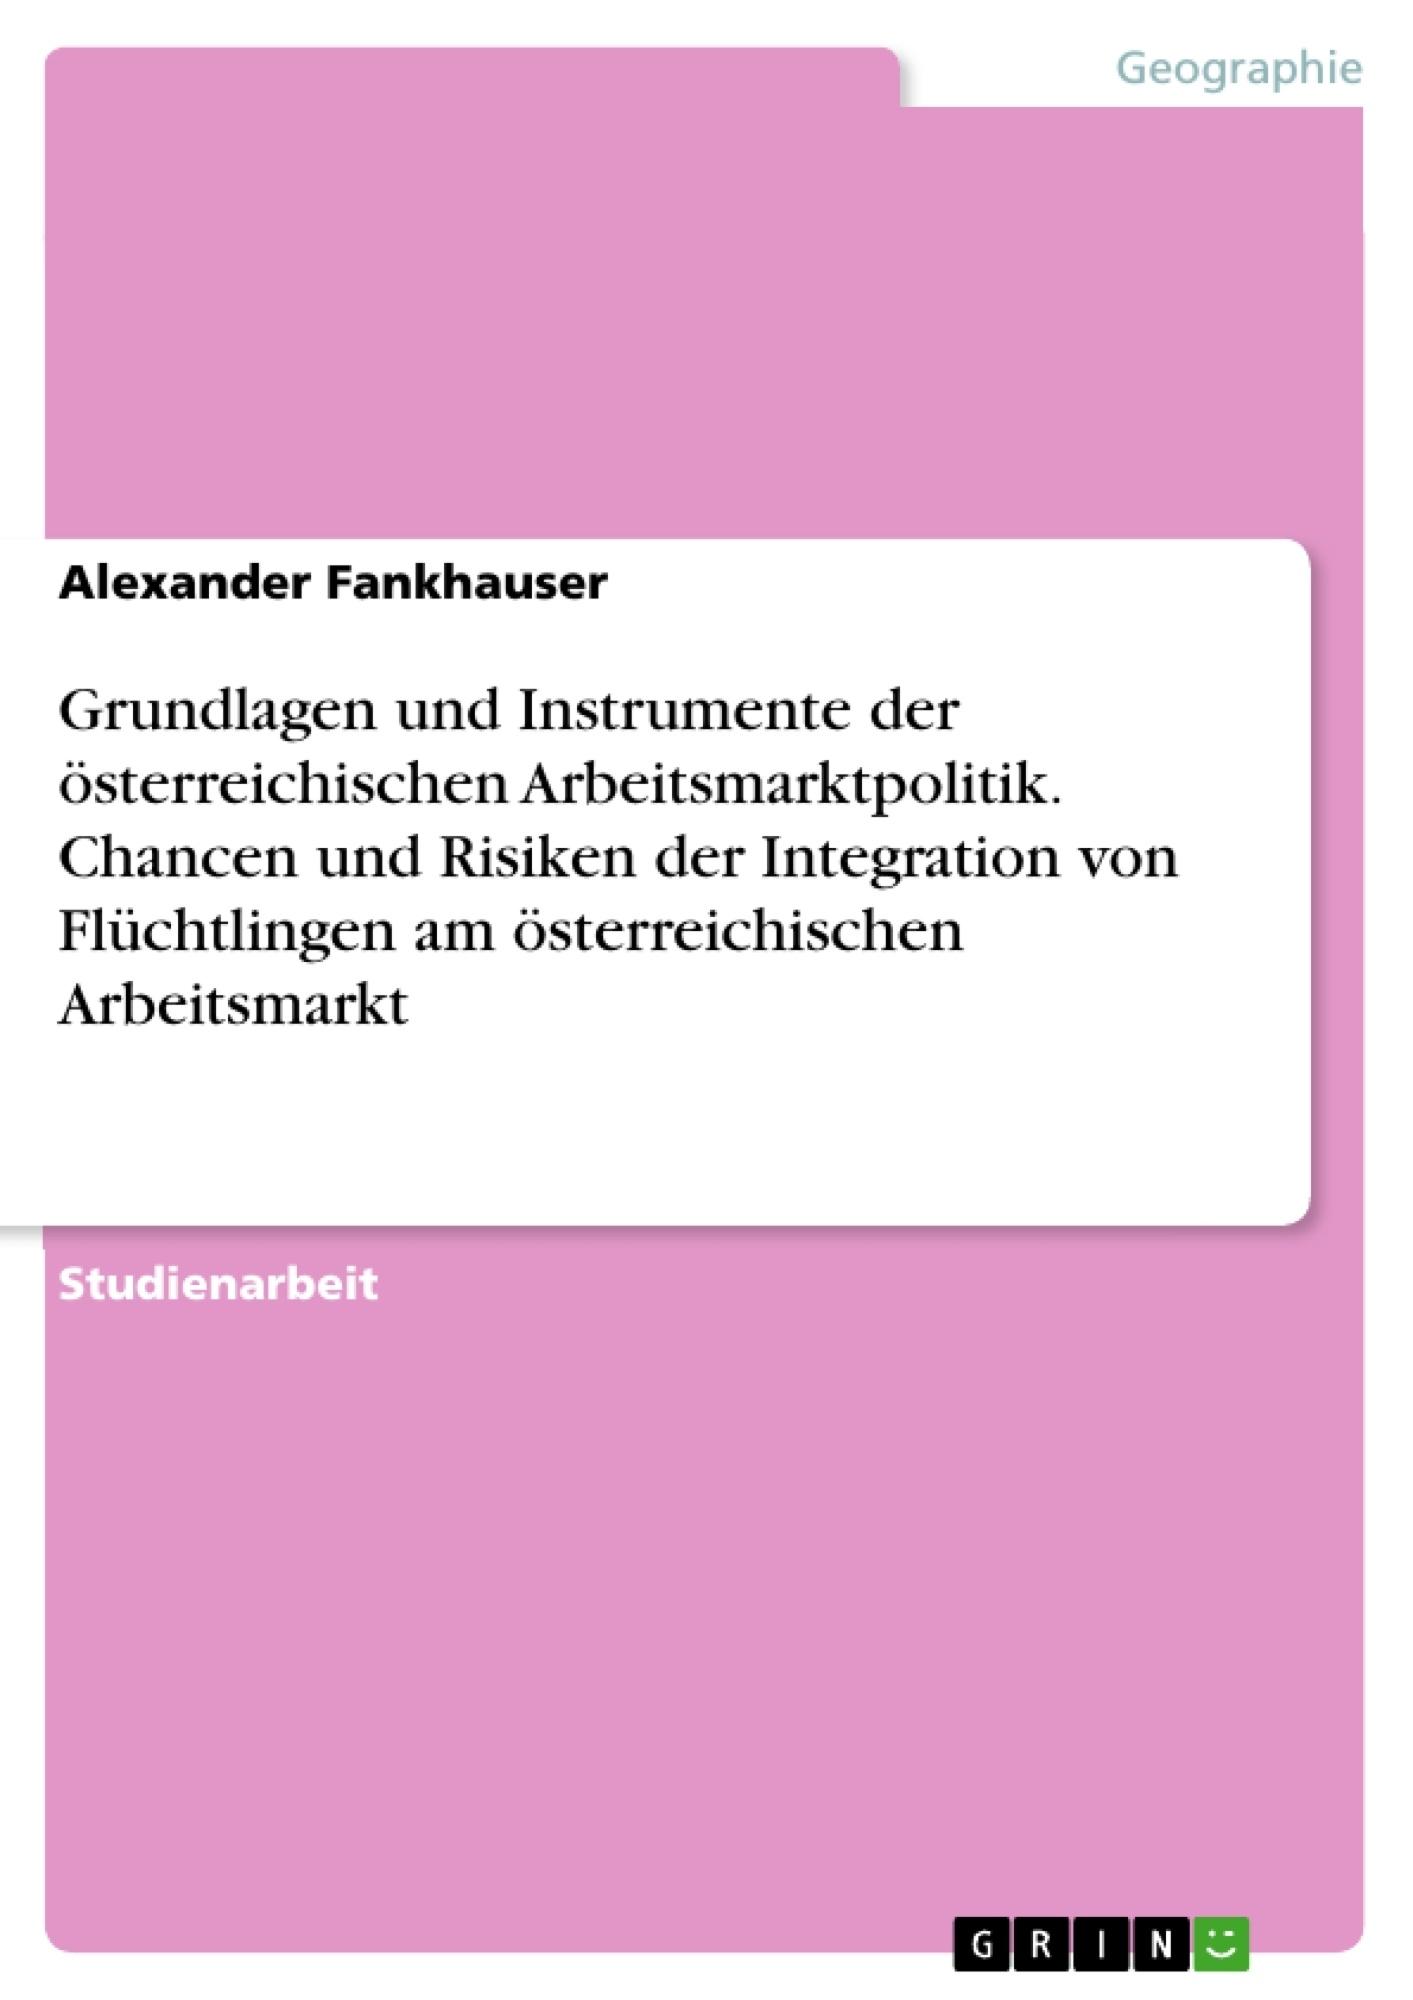 Titel: Grundlagen und Instrumente der österreichischen Arbeitsmarktpolitik. Chancen und Risiken der Integration von Flüchtlingen am österreichischen Arbeitsmarkt